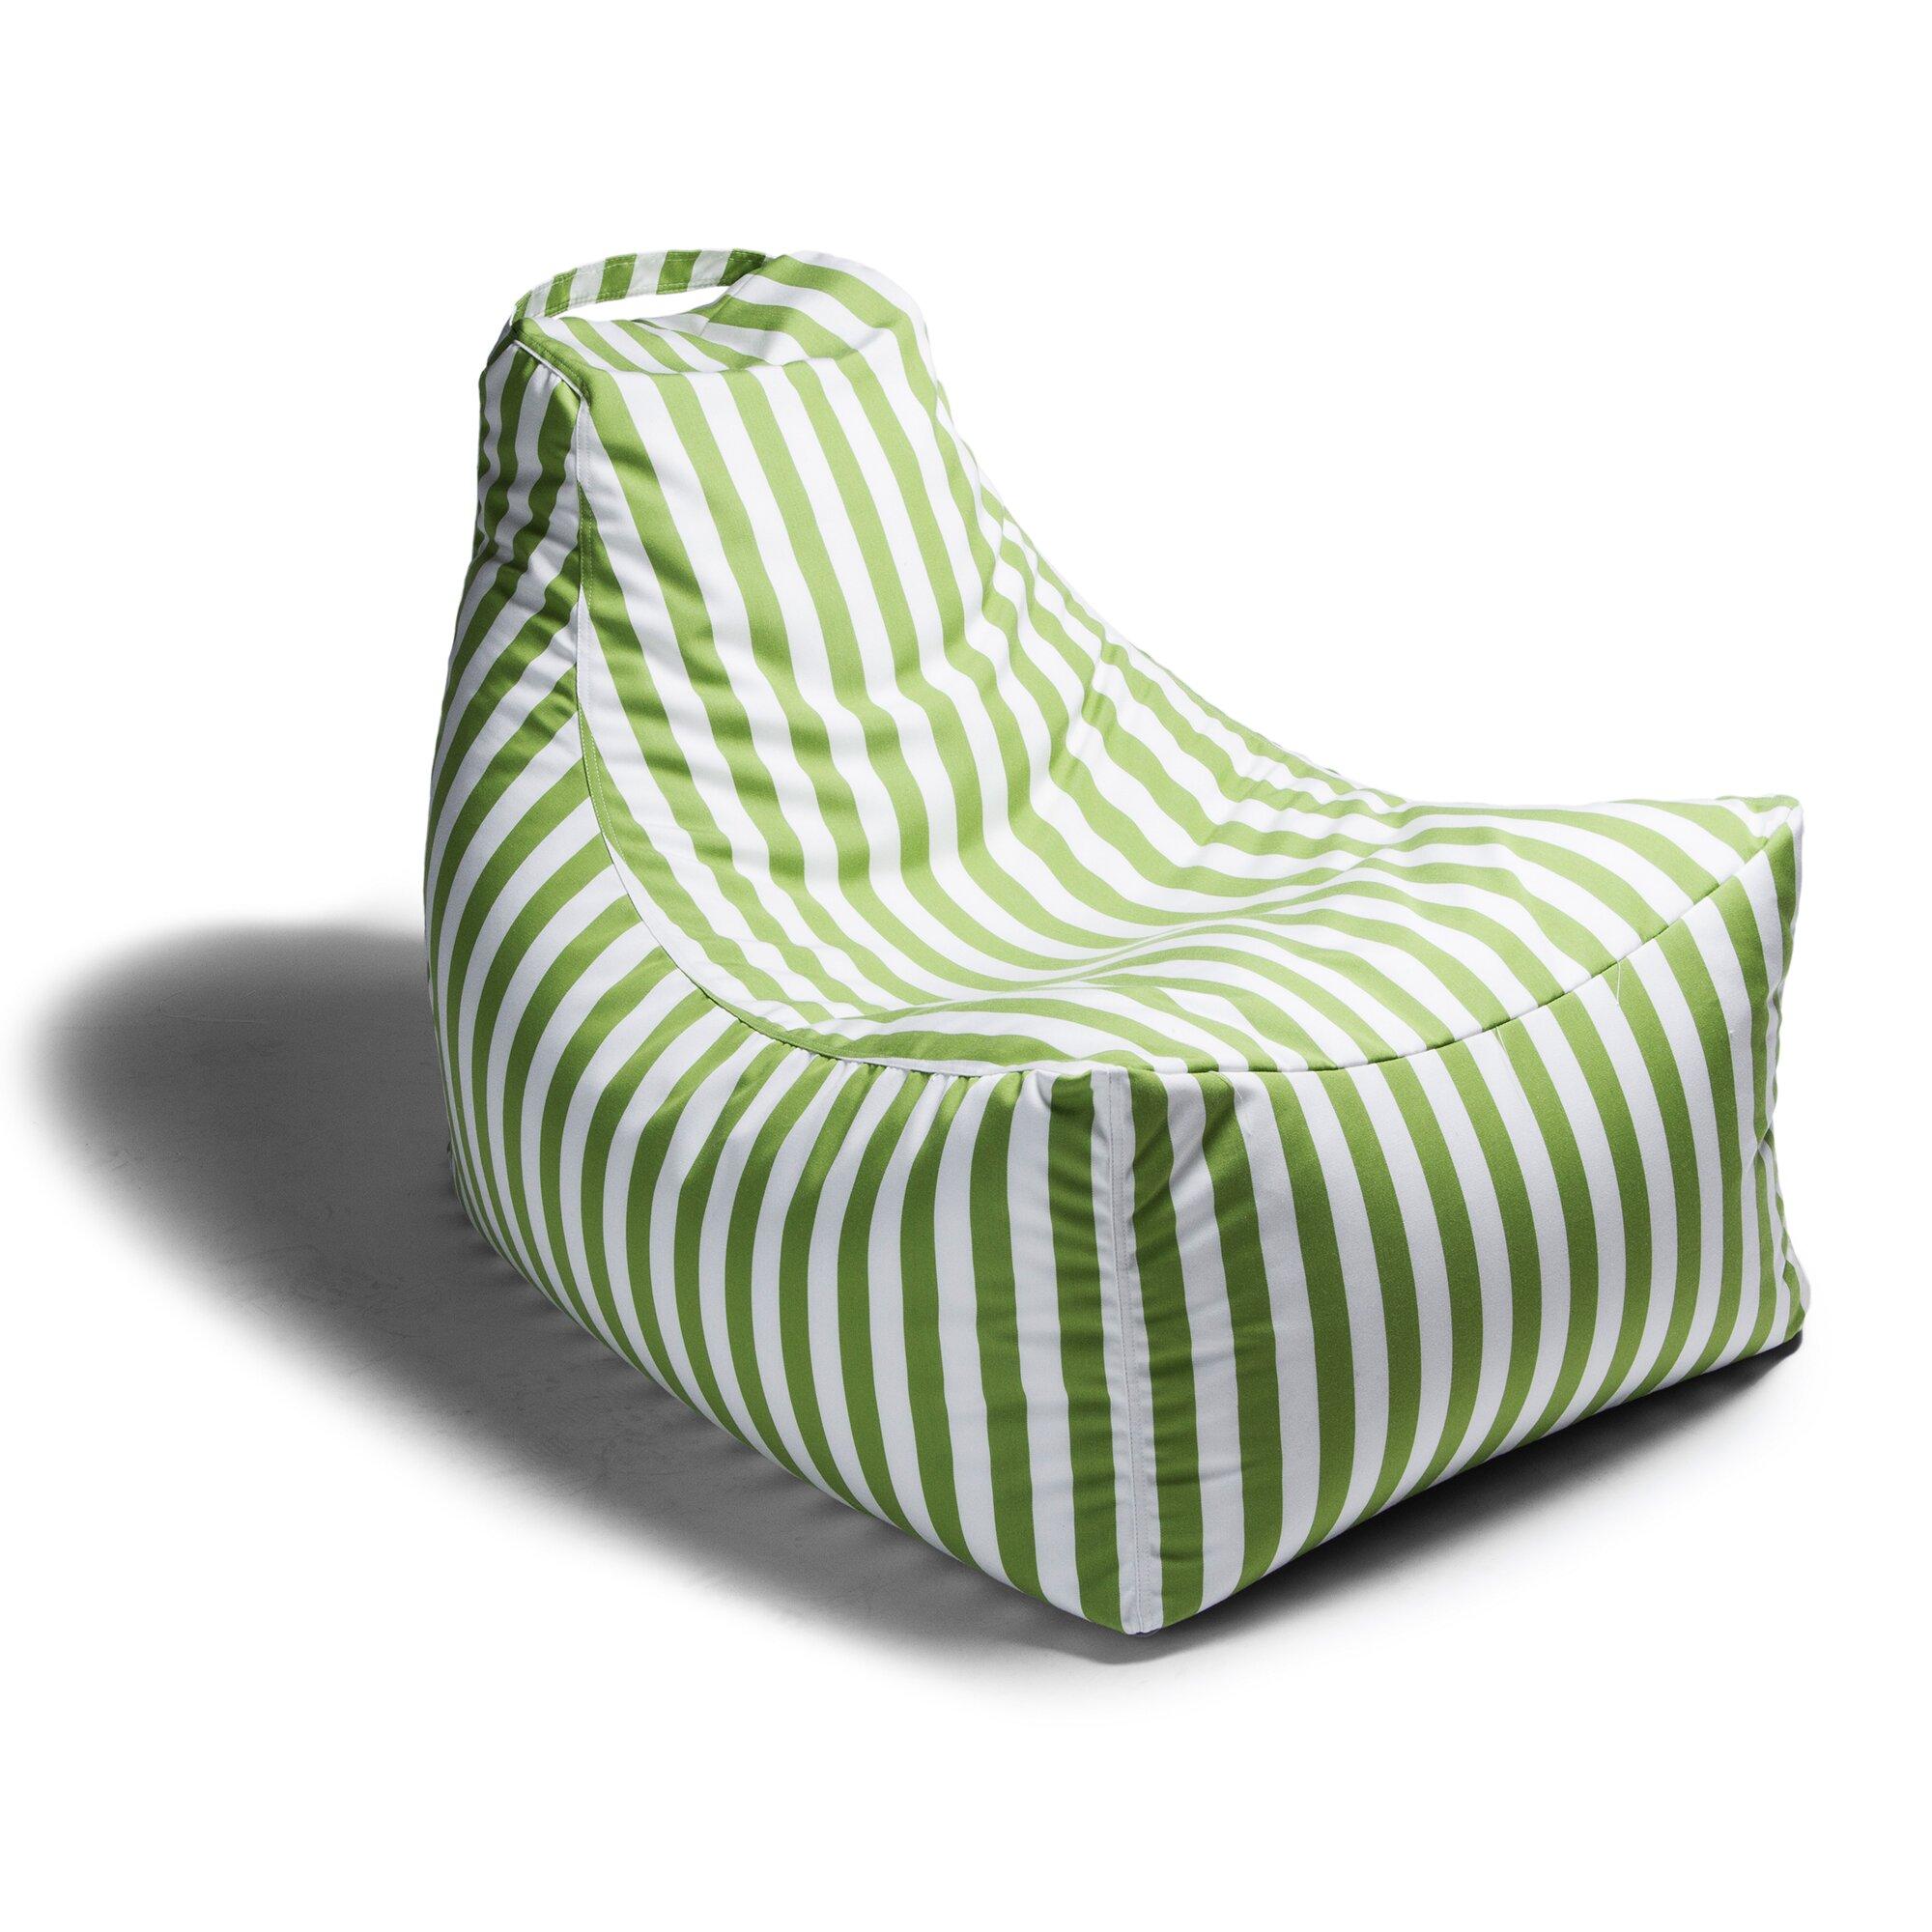 Juniper Outdoor Striped Bean Bag Chair Wayfair